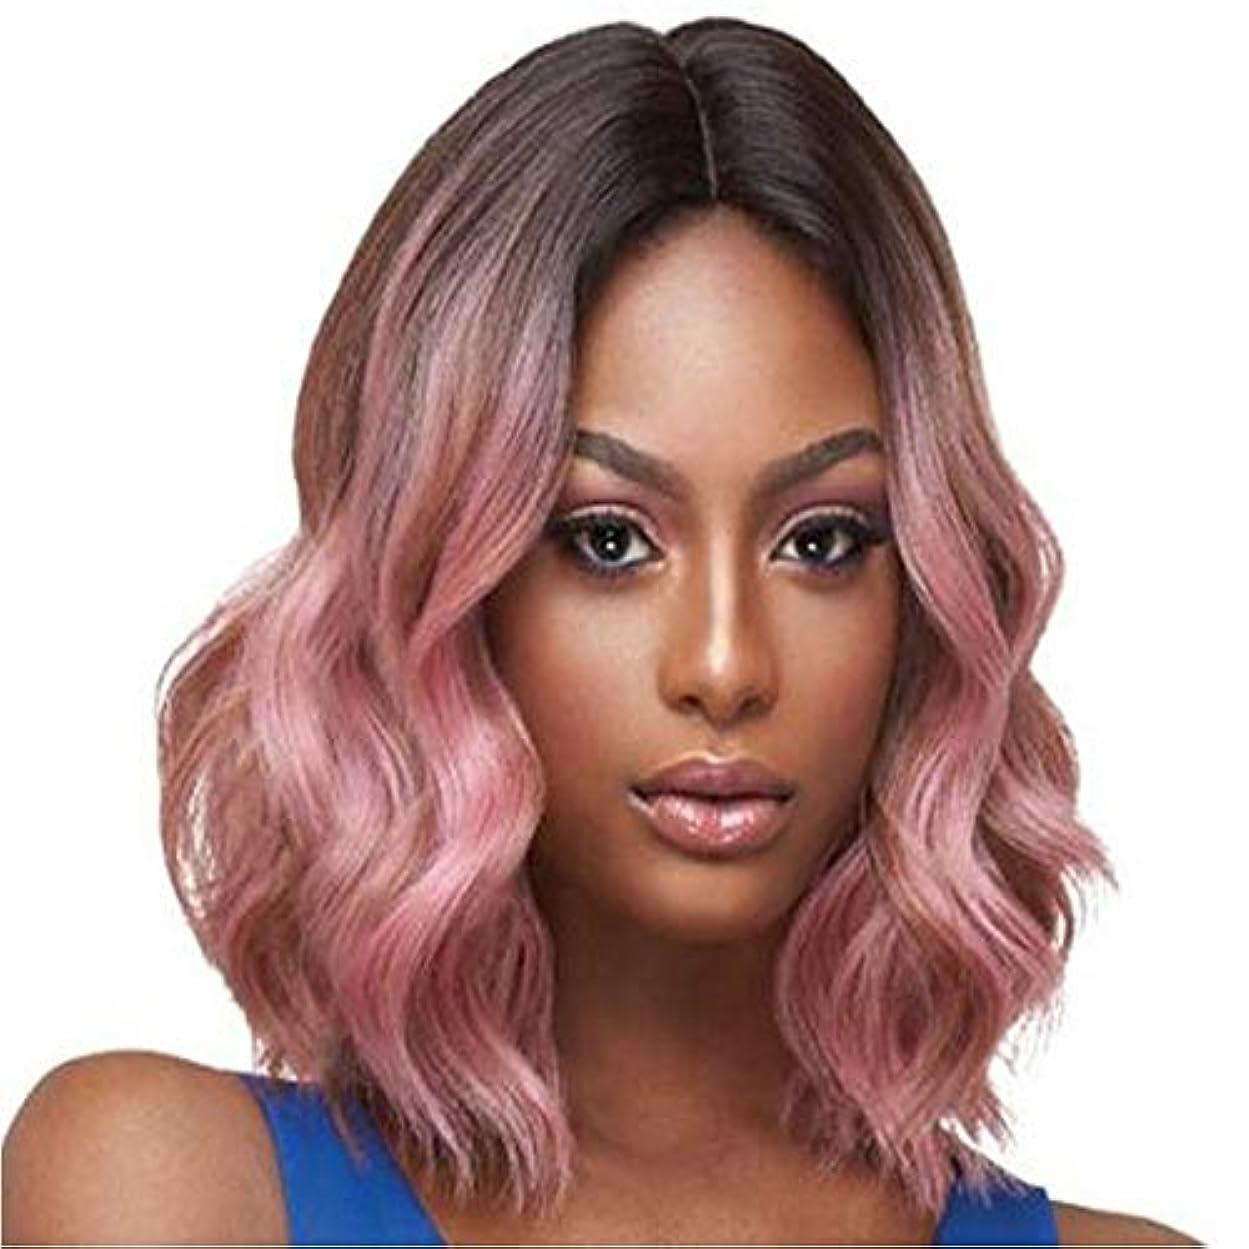 伝導テンポますますヘアエクステンションピンクショート合成かつら女性用髪水波かつら高温ファイバーウィッグボブヘアカットショートオンブル合成かつら女性用デイウェアコスプレやパーティー